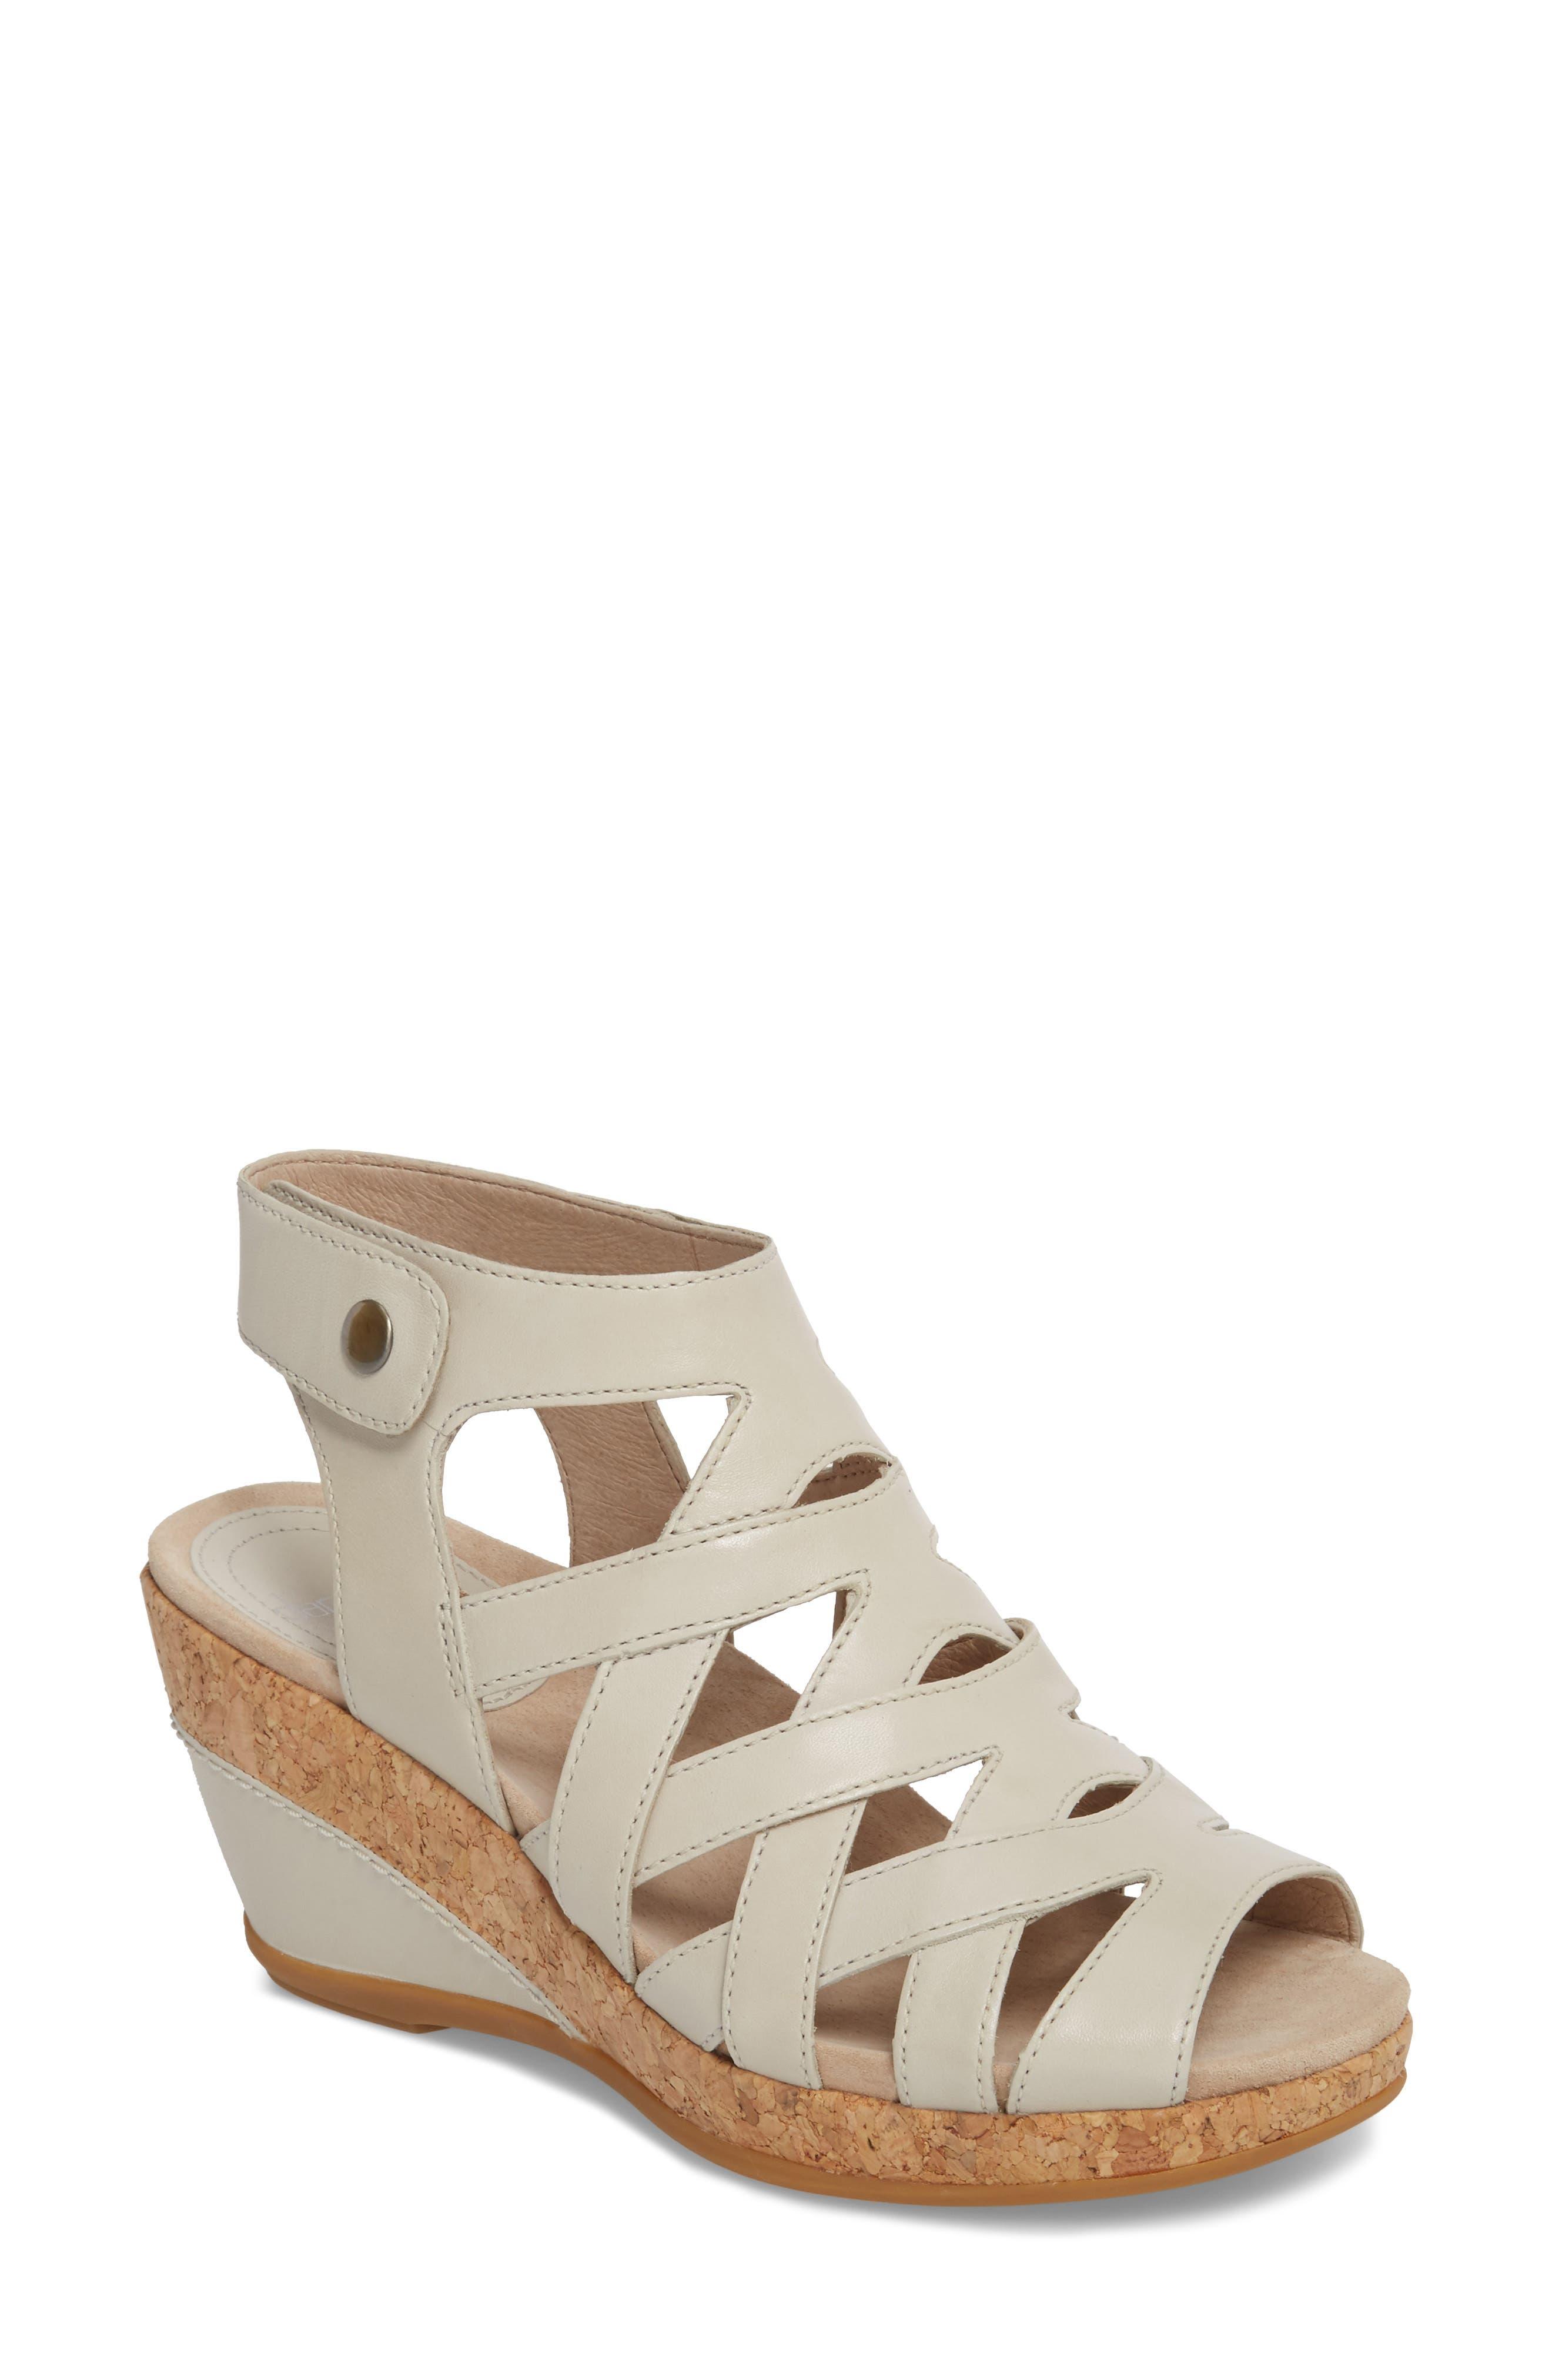 Dansko Cecily Caged Wedge Sandal (Women)